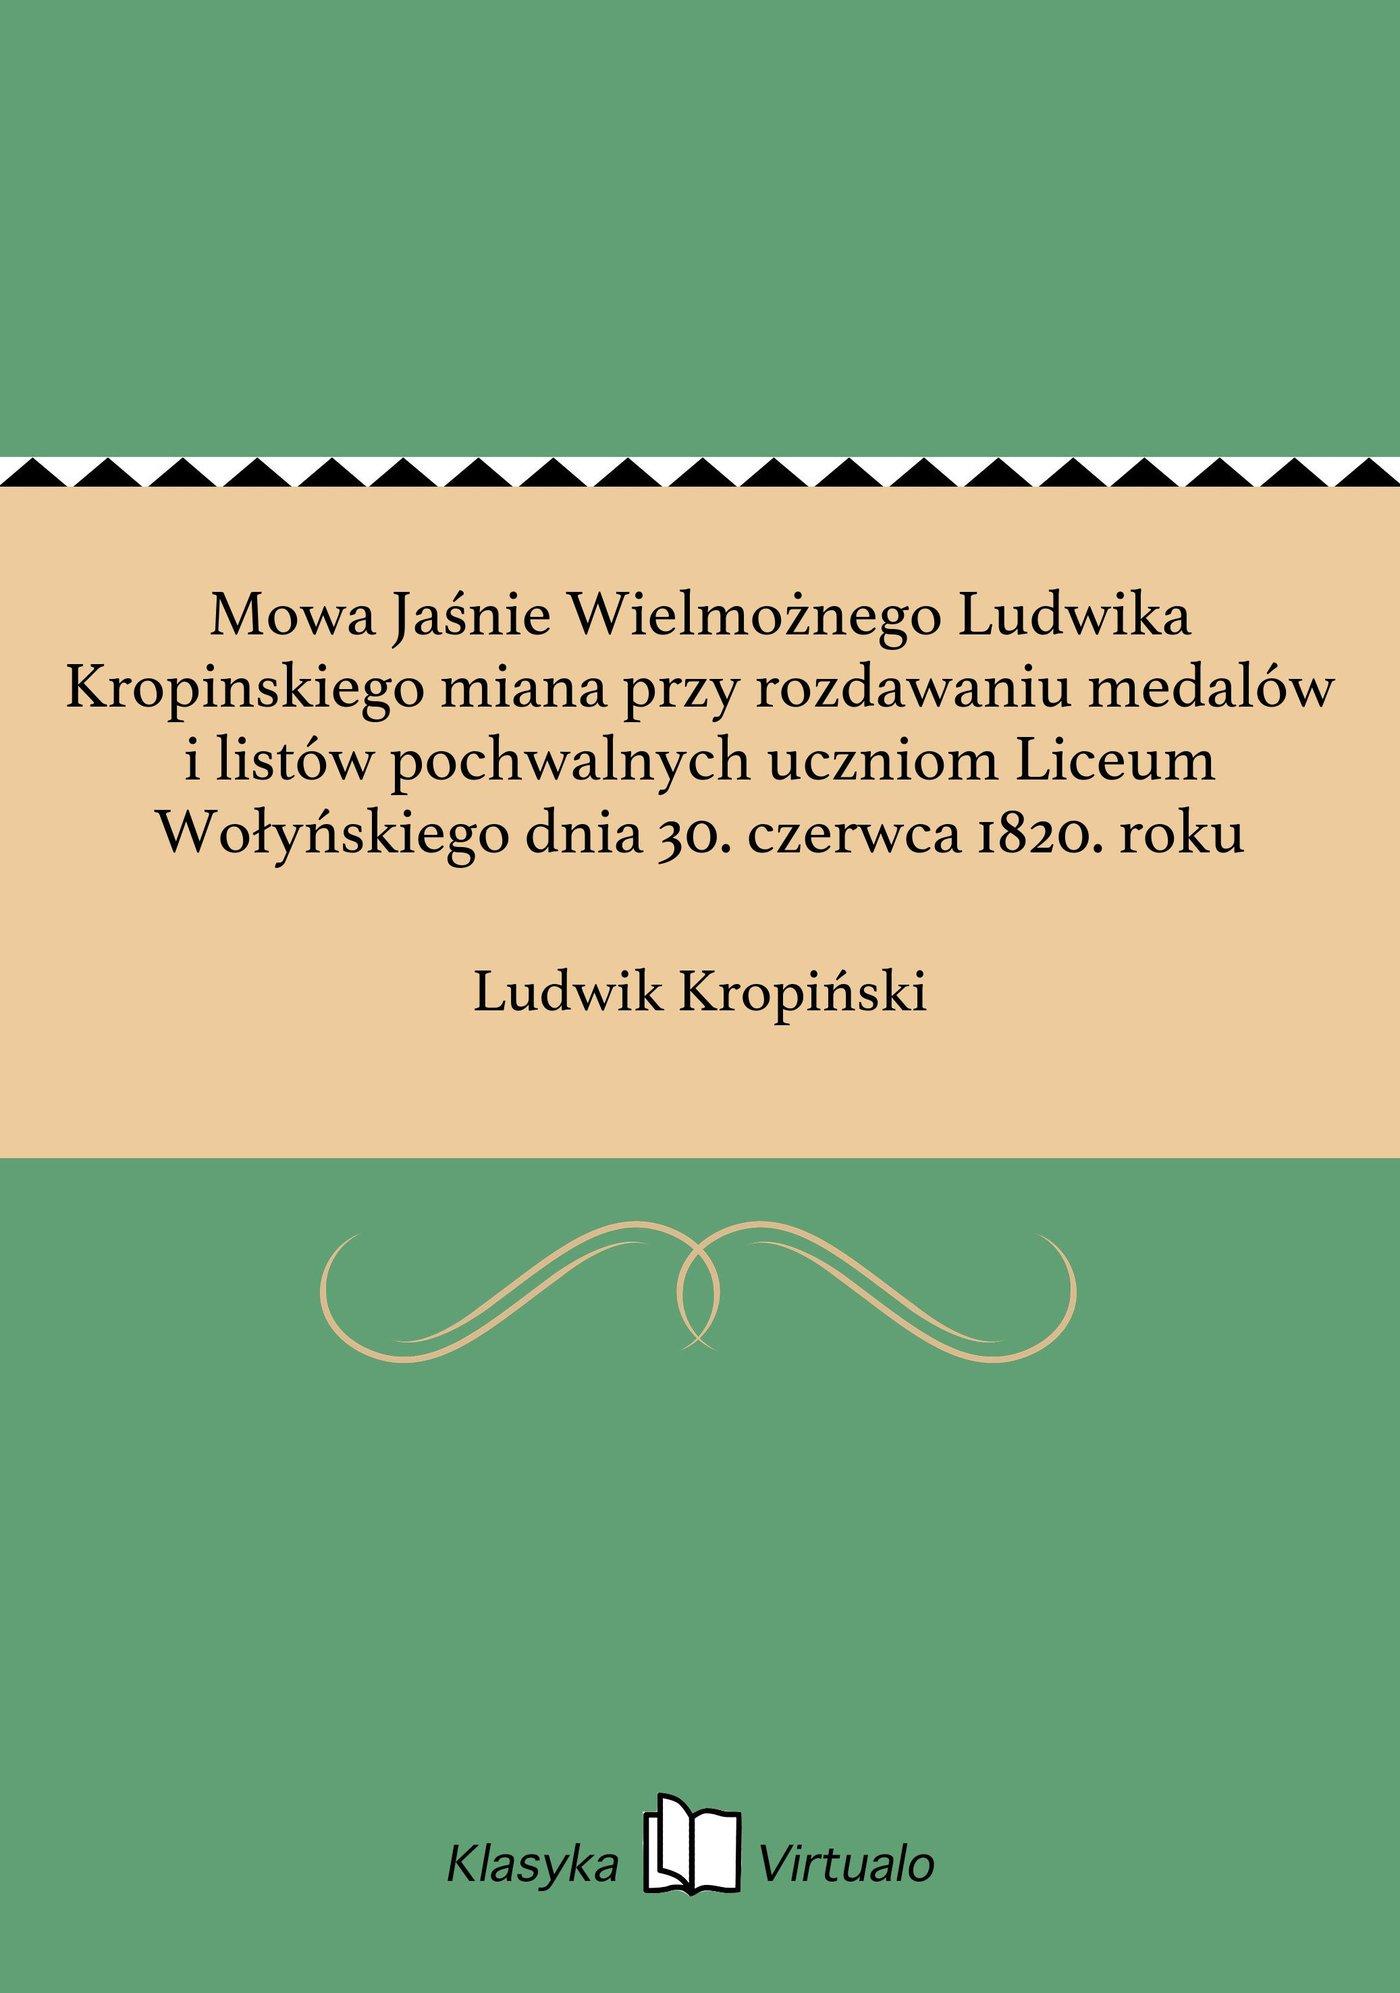 Mowa Jaśnie Wielmożnego Ludwika Kropinskiego miana przy rozdawaniu medalów i listów pochwalnych uczniom Liceum Wołyńskiego dnia 30. czerwca 1820. roku - Ebook (Książka na Kindle) do pobrania w formacie MOBI